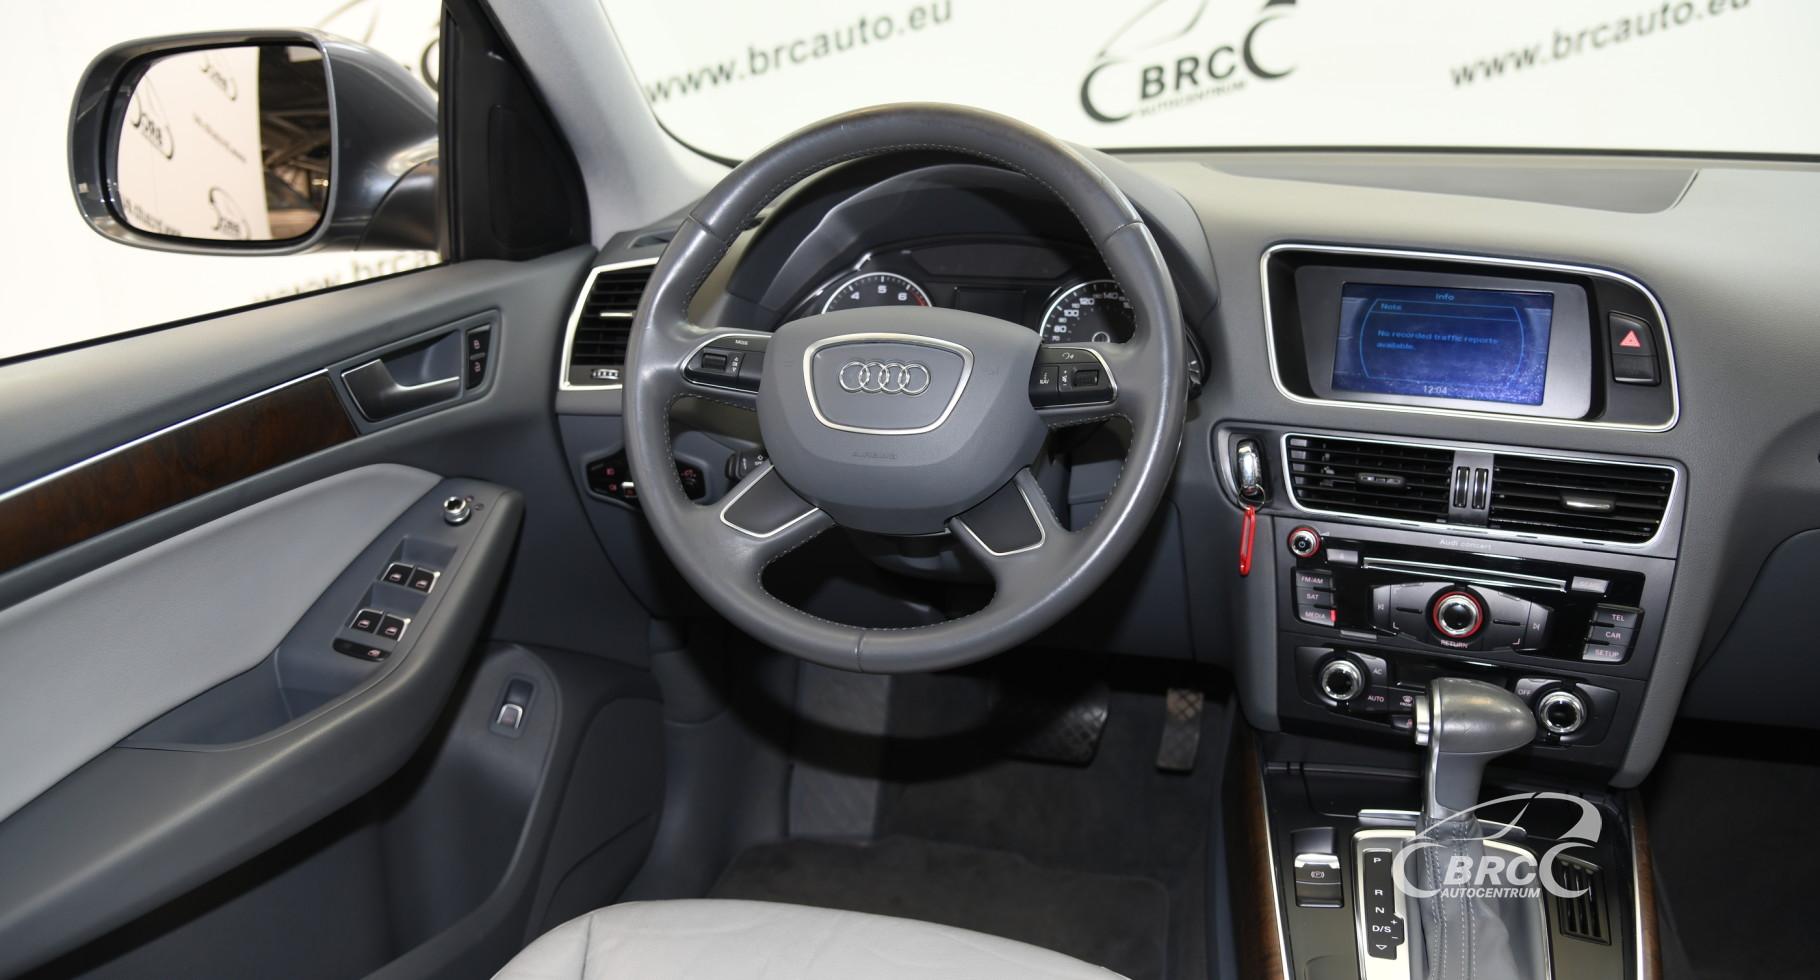 Audi Q5 2.0 TFSI Quattro Premium Automatas